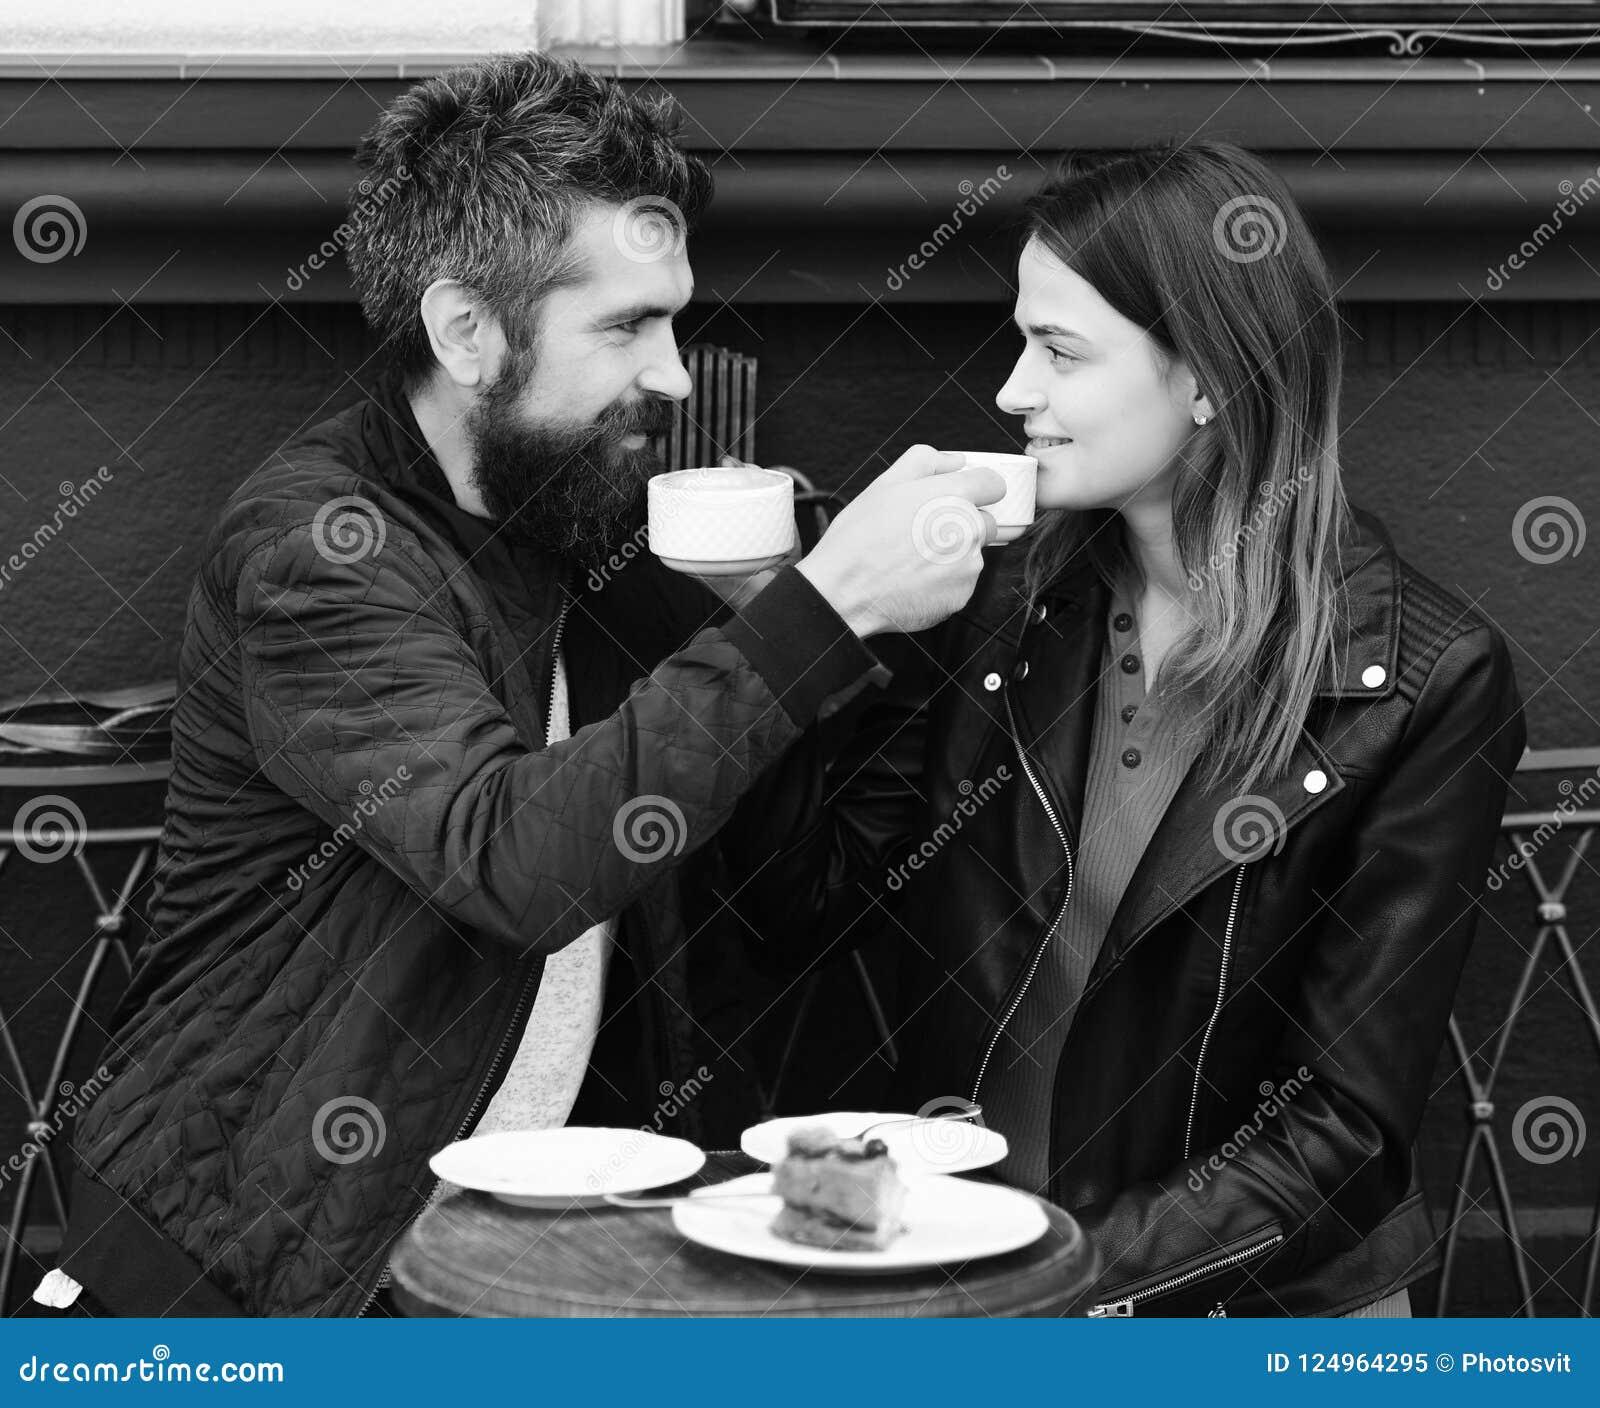 Gottiges Datierungsprinzip 1